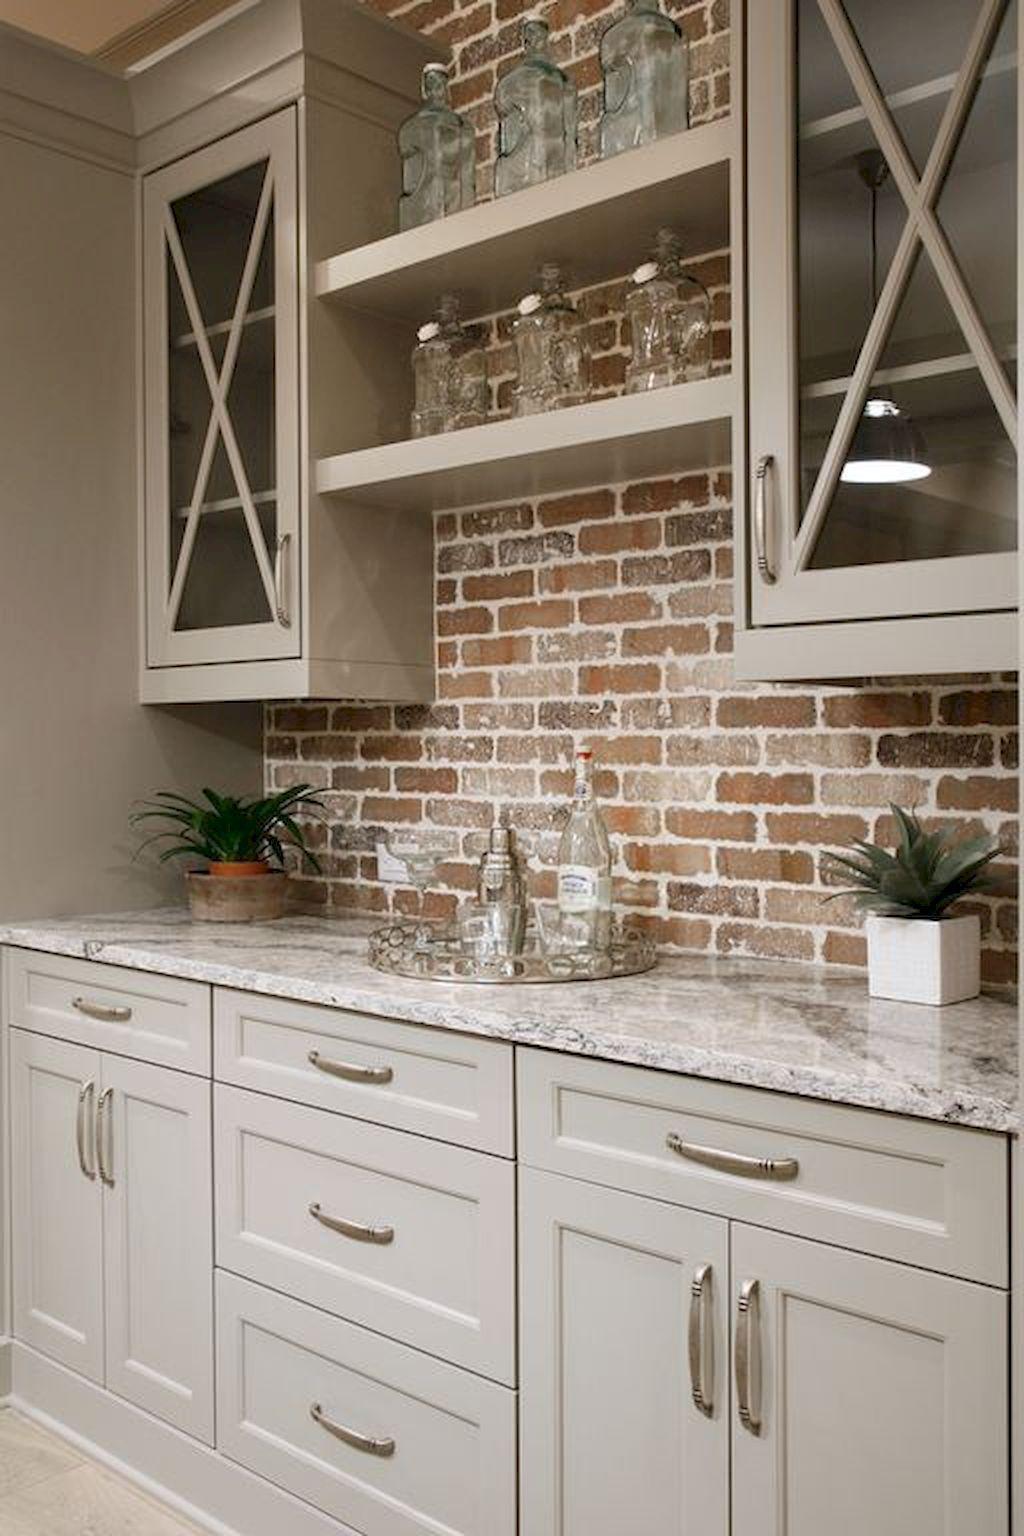 10 Rustic Kitchen Backsplash Ideas Gallery In 2020 Kitchen